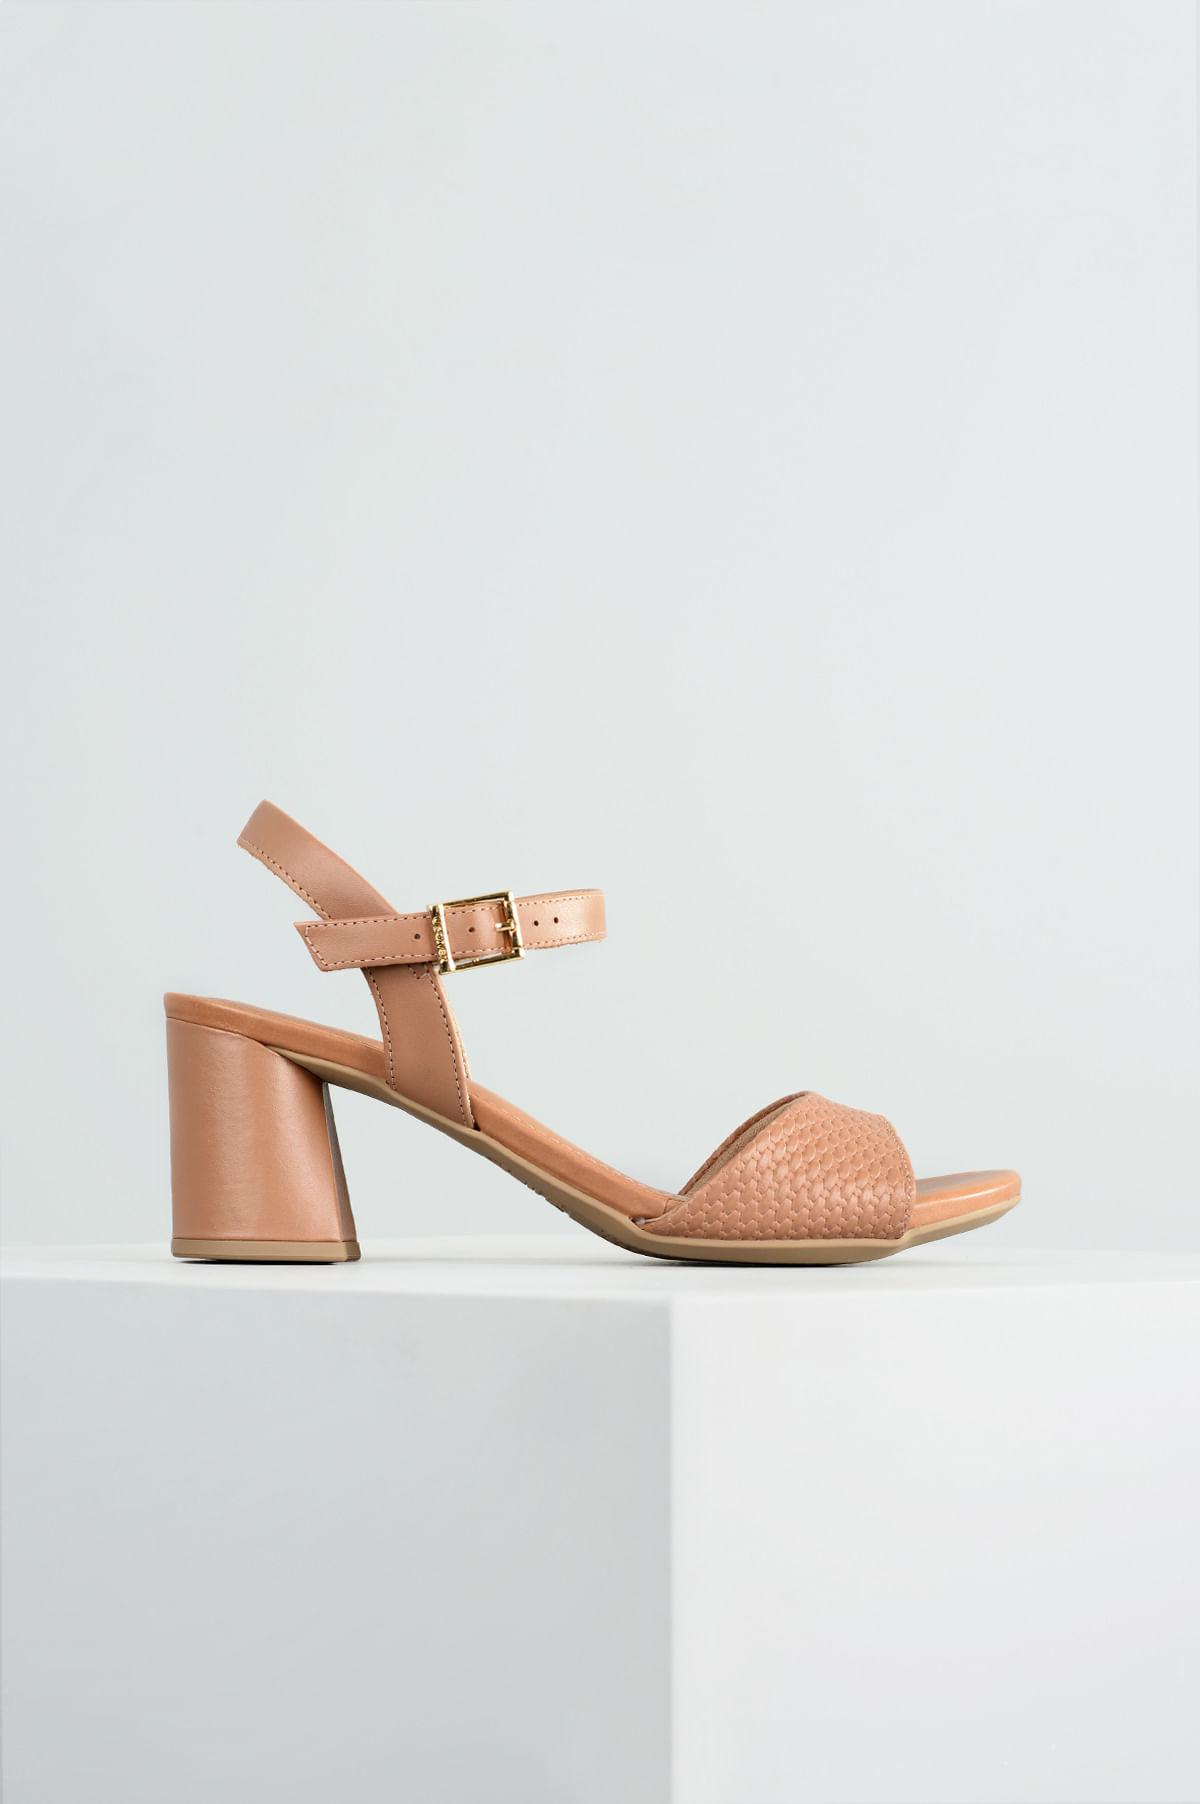 01a495e592 Sandália Feminina Salto Alto Dyane Usaflex CR-CAMEL - Mundial Calçados